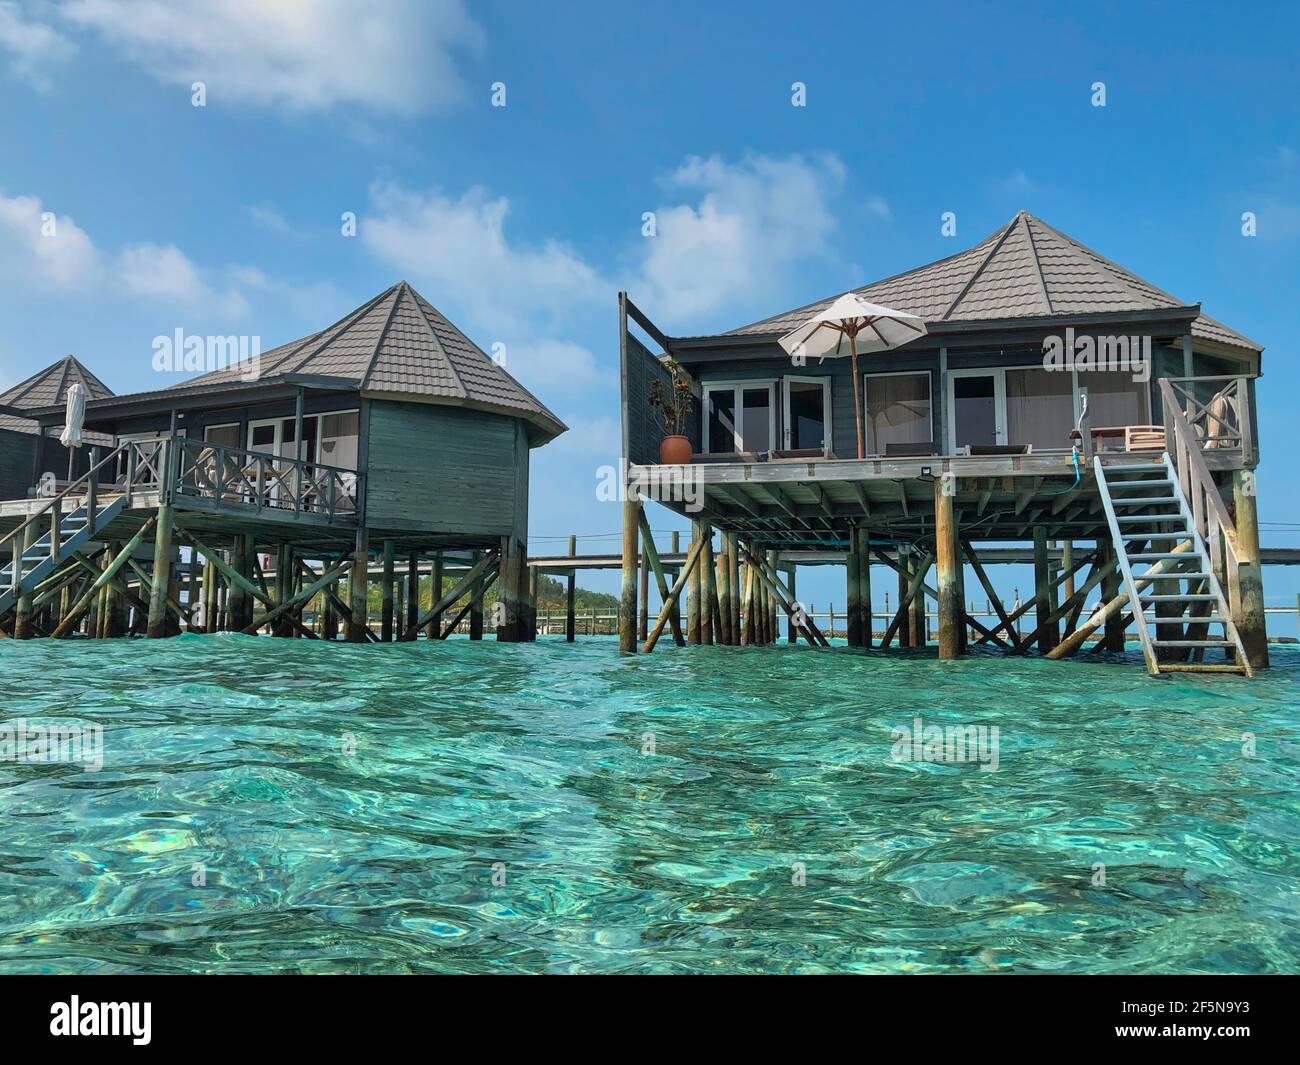 Villa de agua de madera con Océano Turquoise en Maldivas. Hermosa vista de los bungalows sobre el agua con el mar de Lacadive en Maldivian Resort Komandoo. Foto de stock